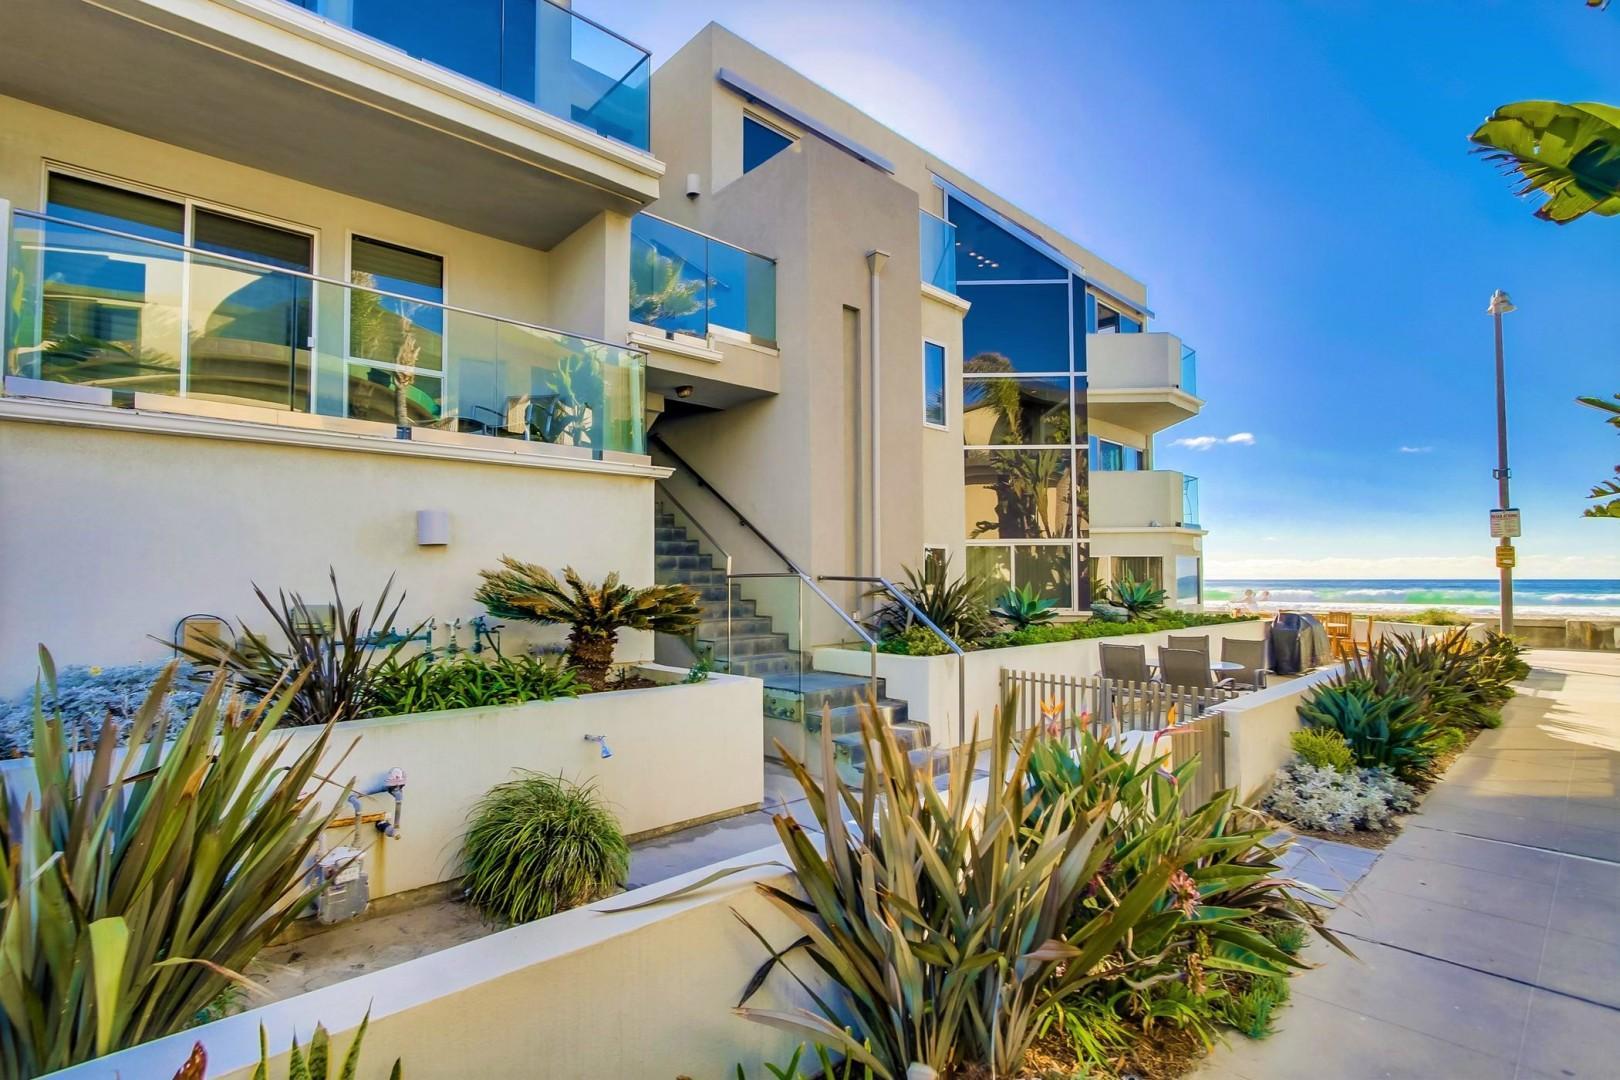 3545-ocean-front-walk-San-Diego-2-003_2100x1400